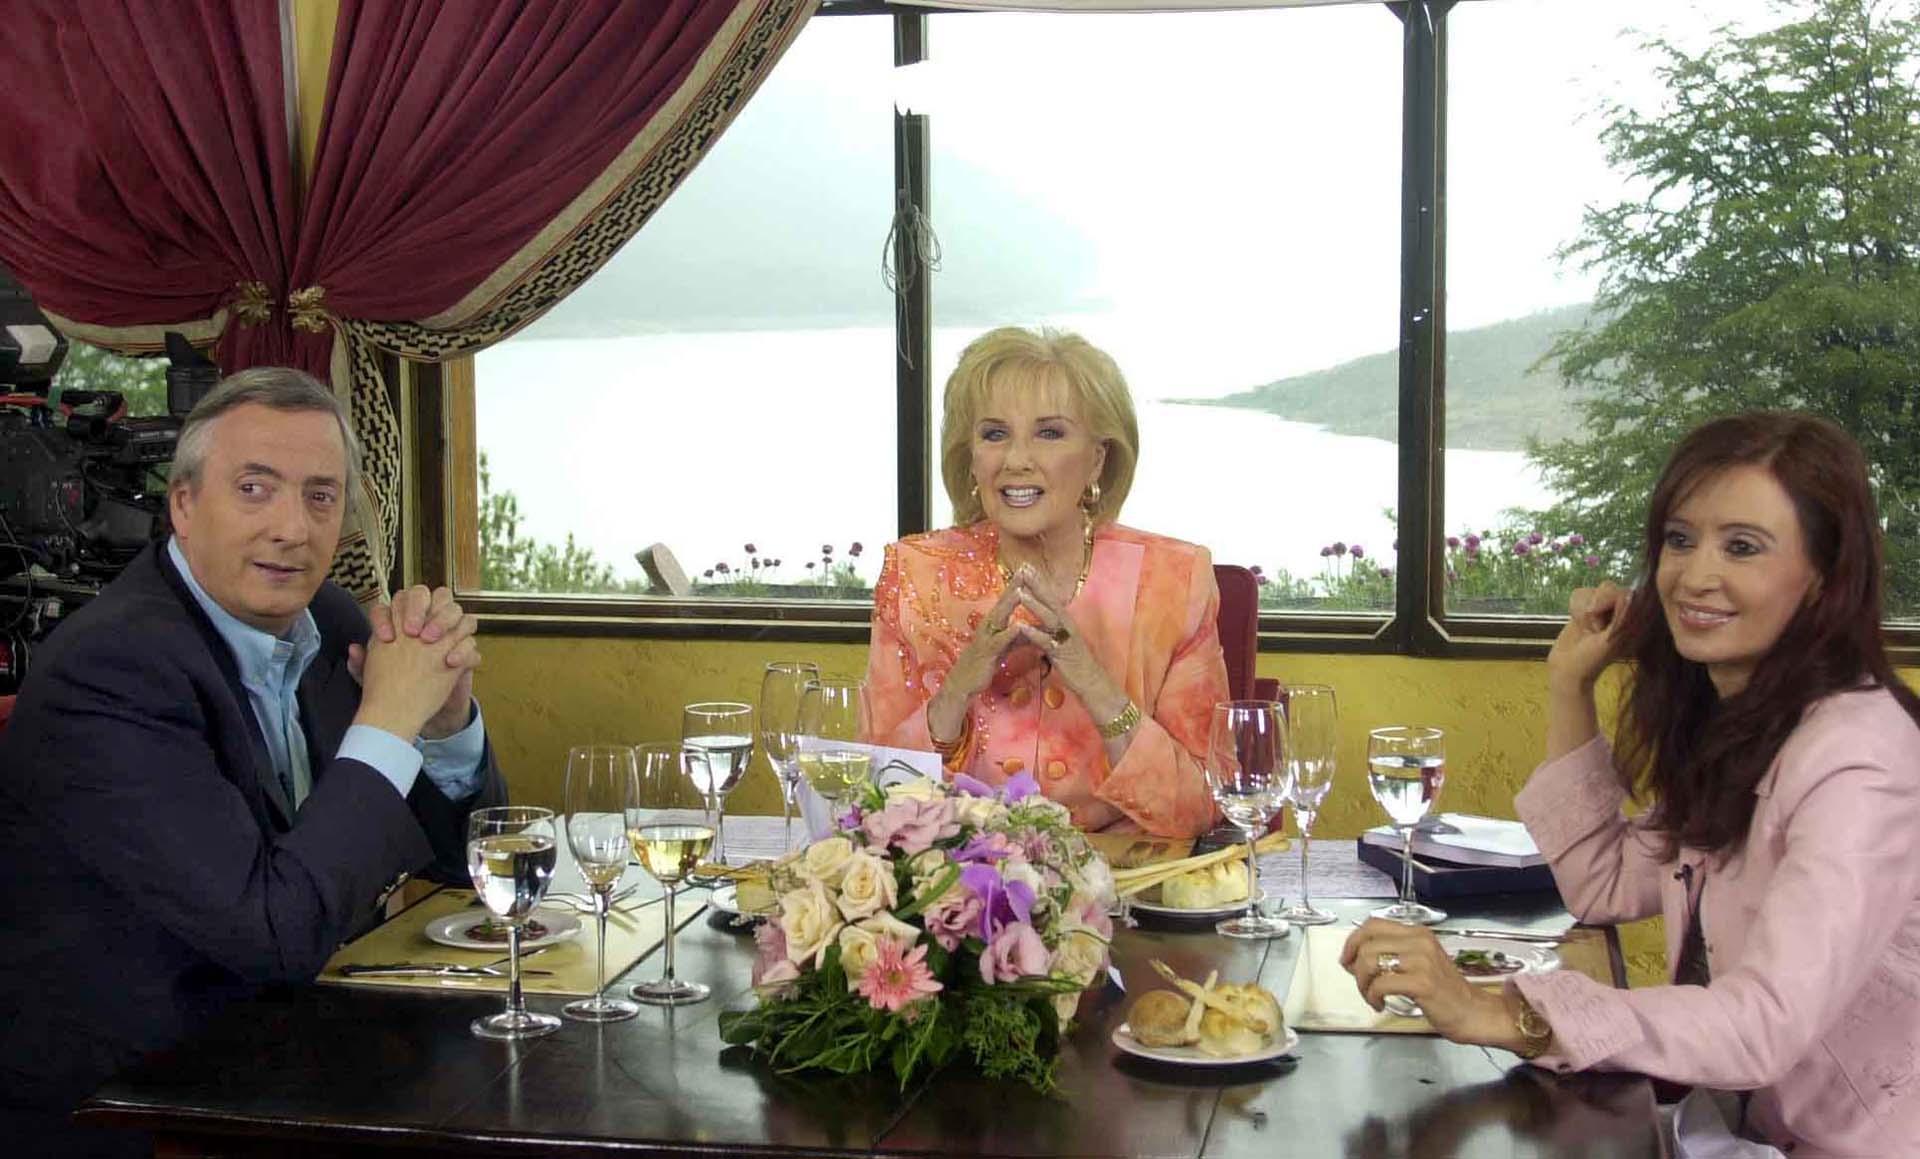 El presidente Néstor Kirchner y su esposa Cristina Fernández comparten el almuerzo con Mirtha Legrand en El Calafate, Santa Cruz.